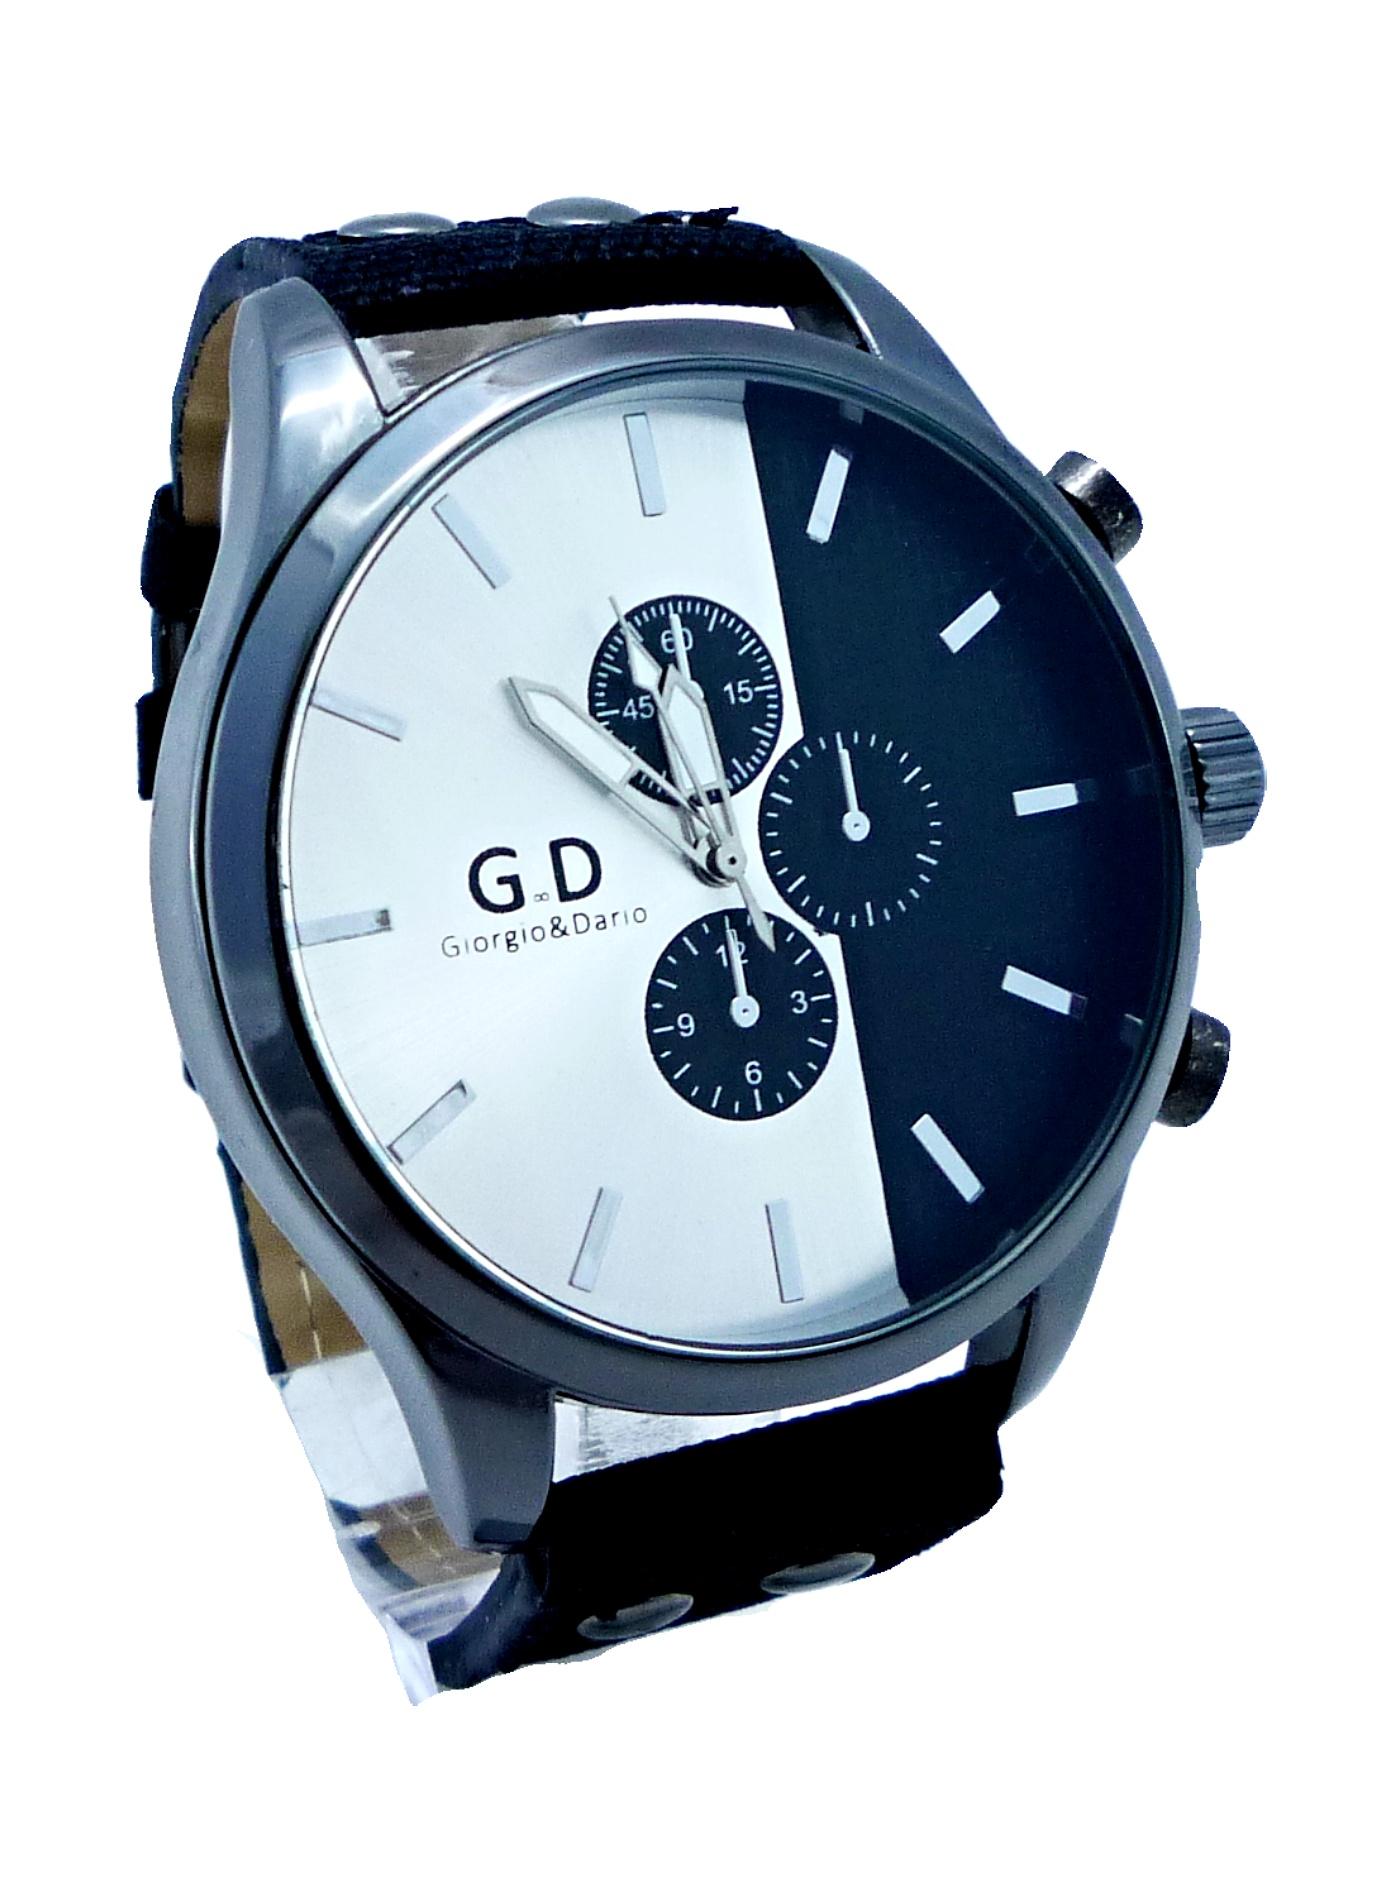 Pánské hodinky G.D Black silver 011P 4746810880